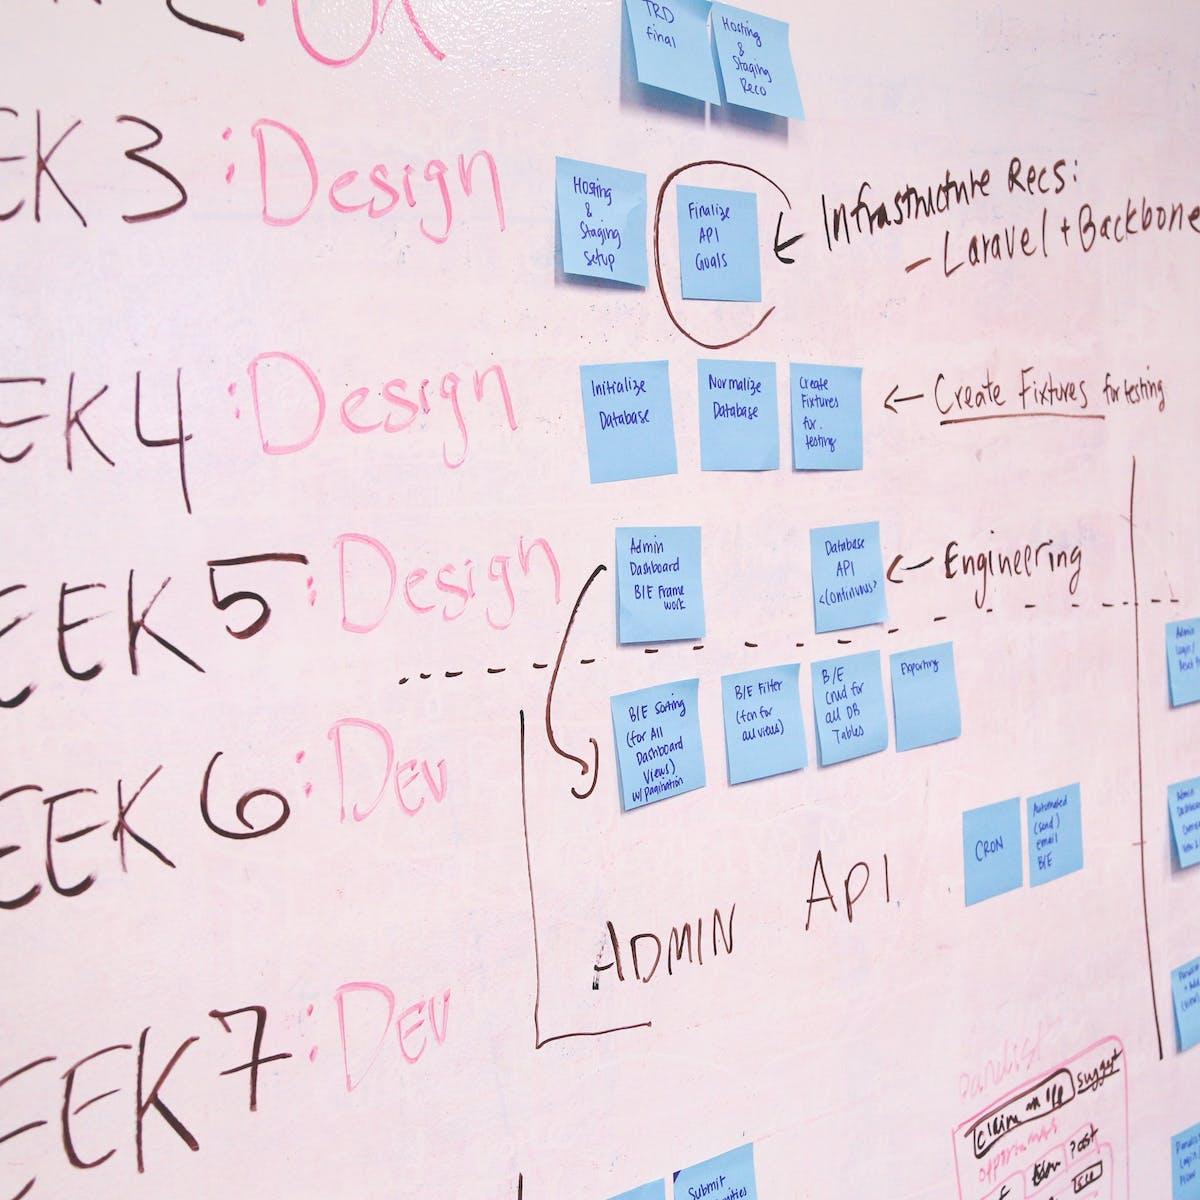 Titelbild-Studie-Agiliät-Allfoye-Agil-Agile-Organisation-Whiteboard-Strategie-pixabay-849803-StartupStockPhotos